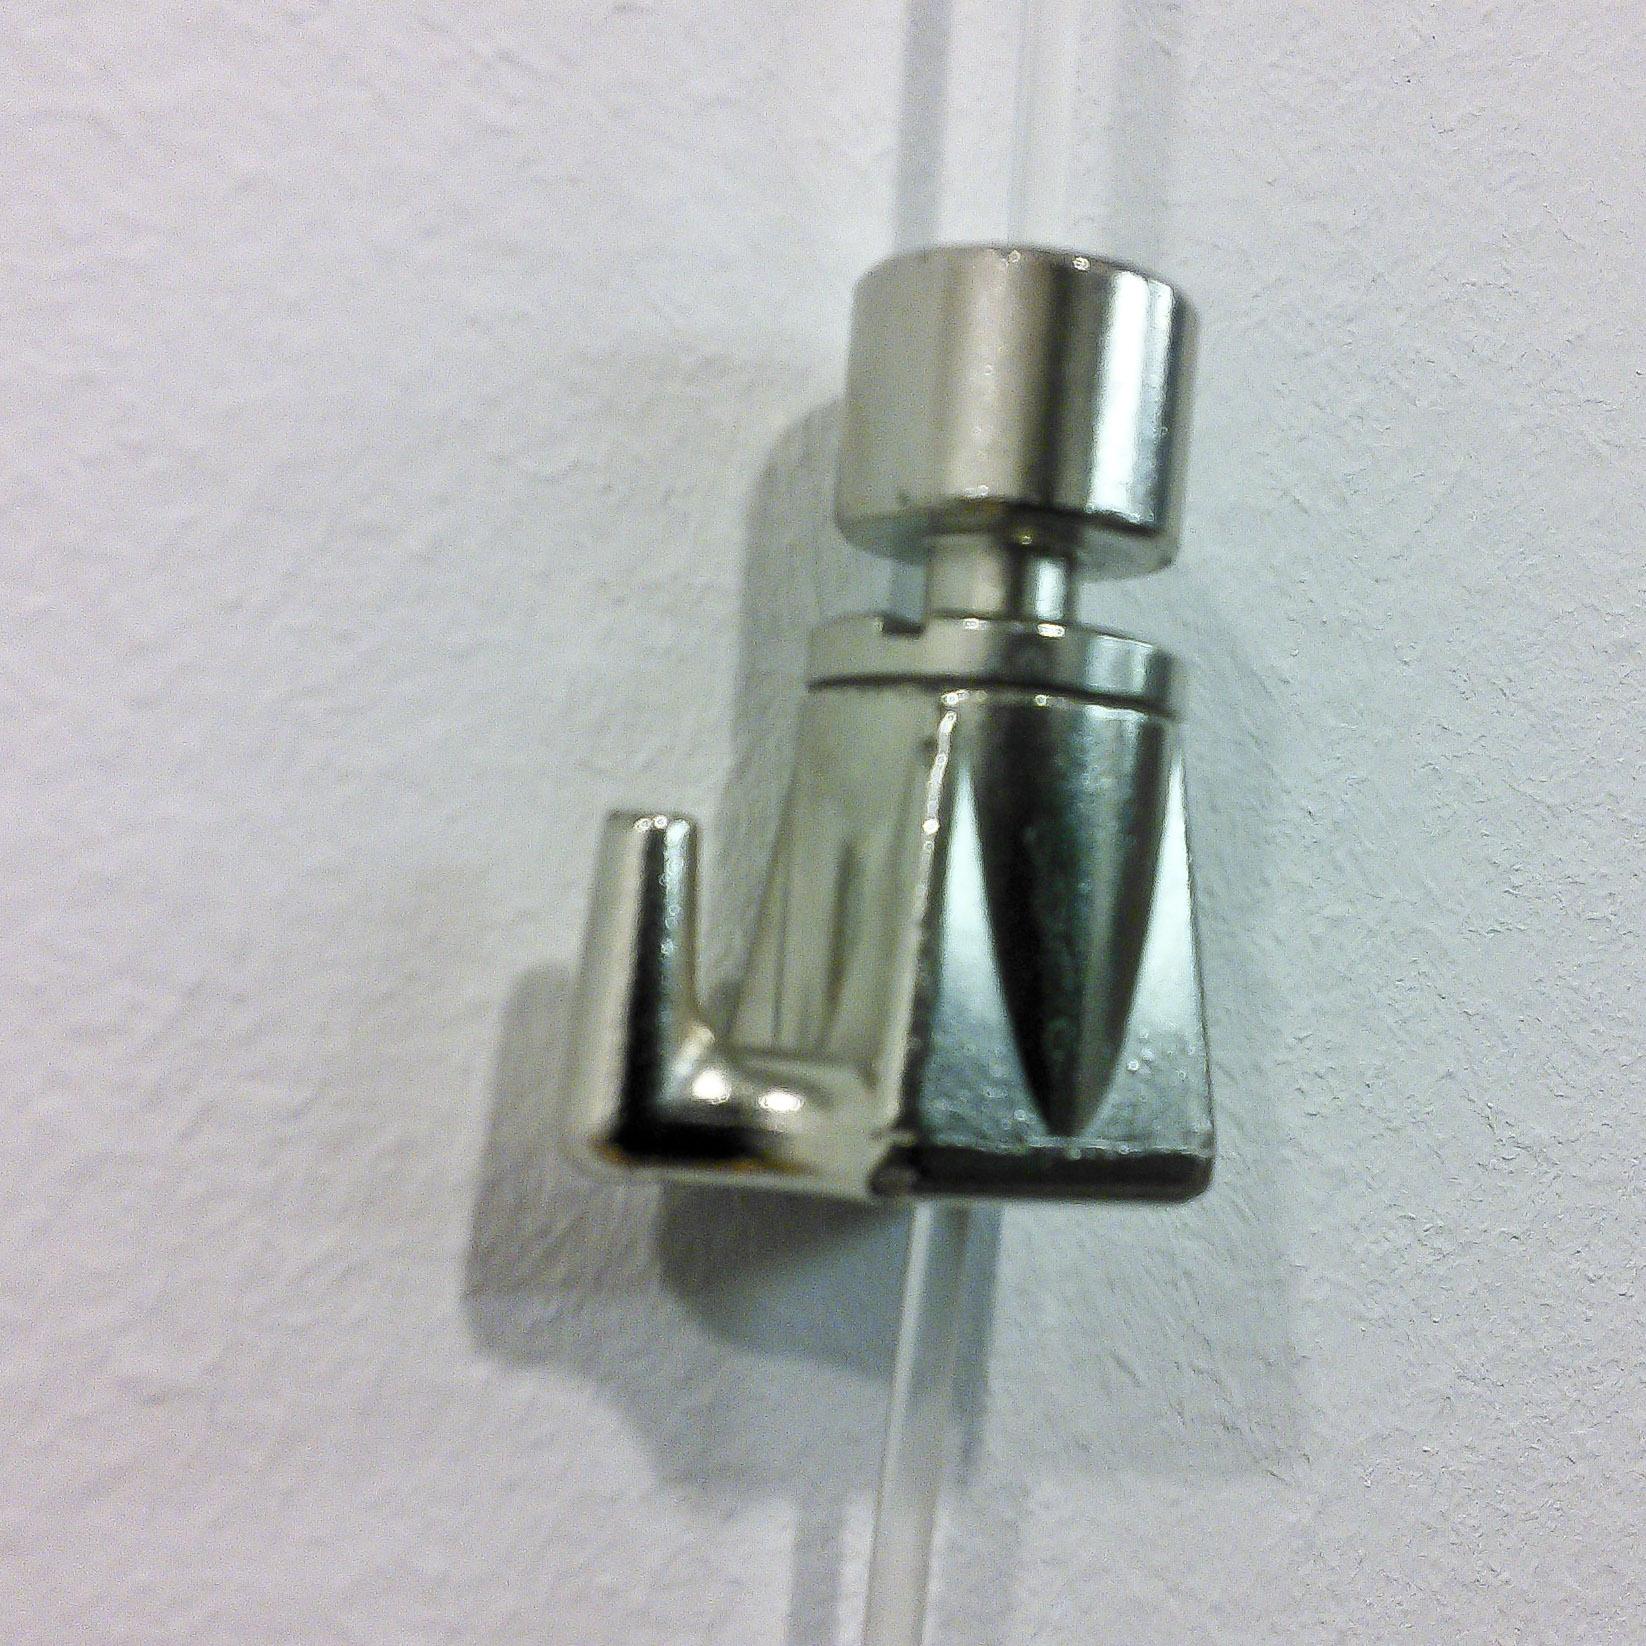 Hanging system: closeup of sliding metal hardware.